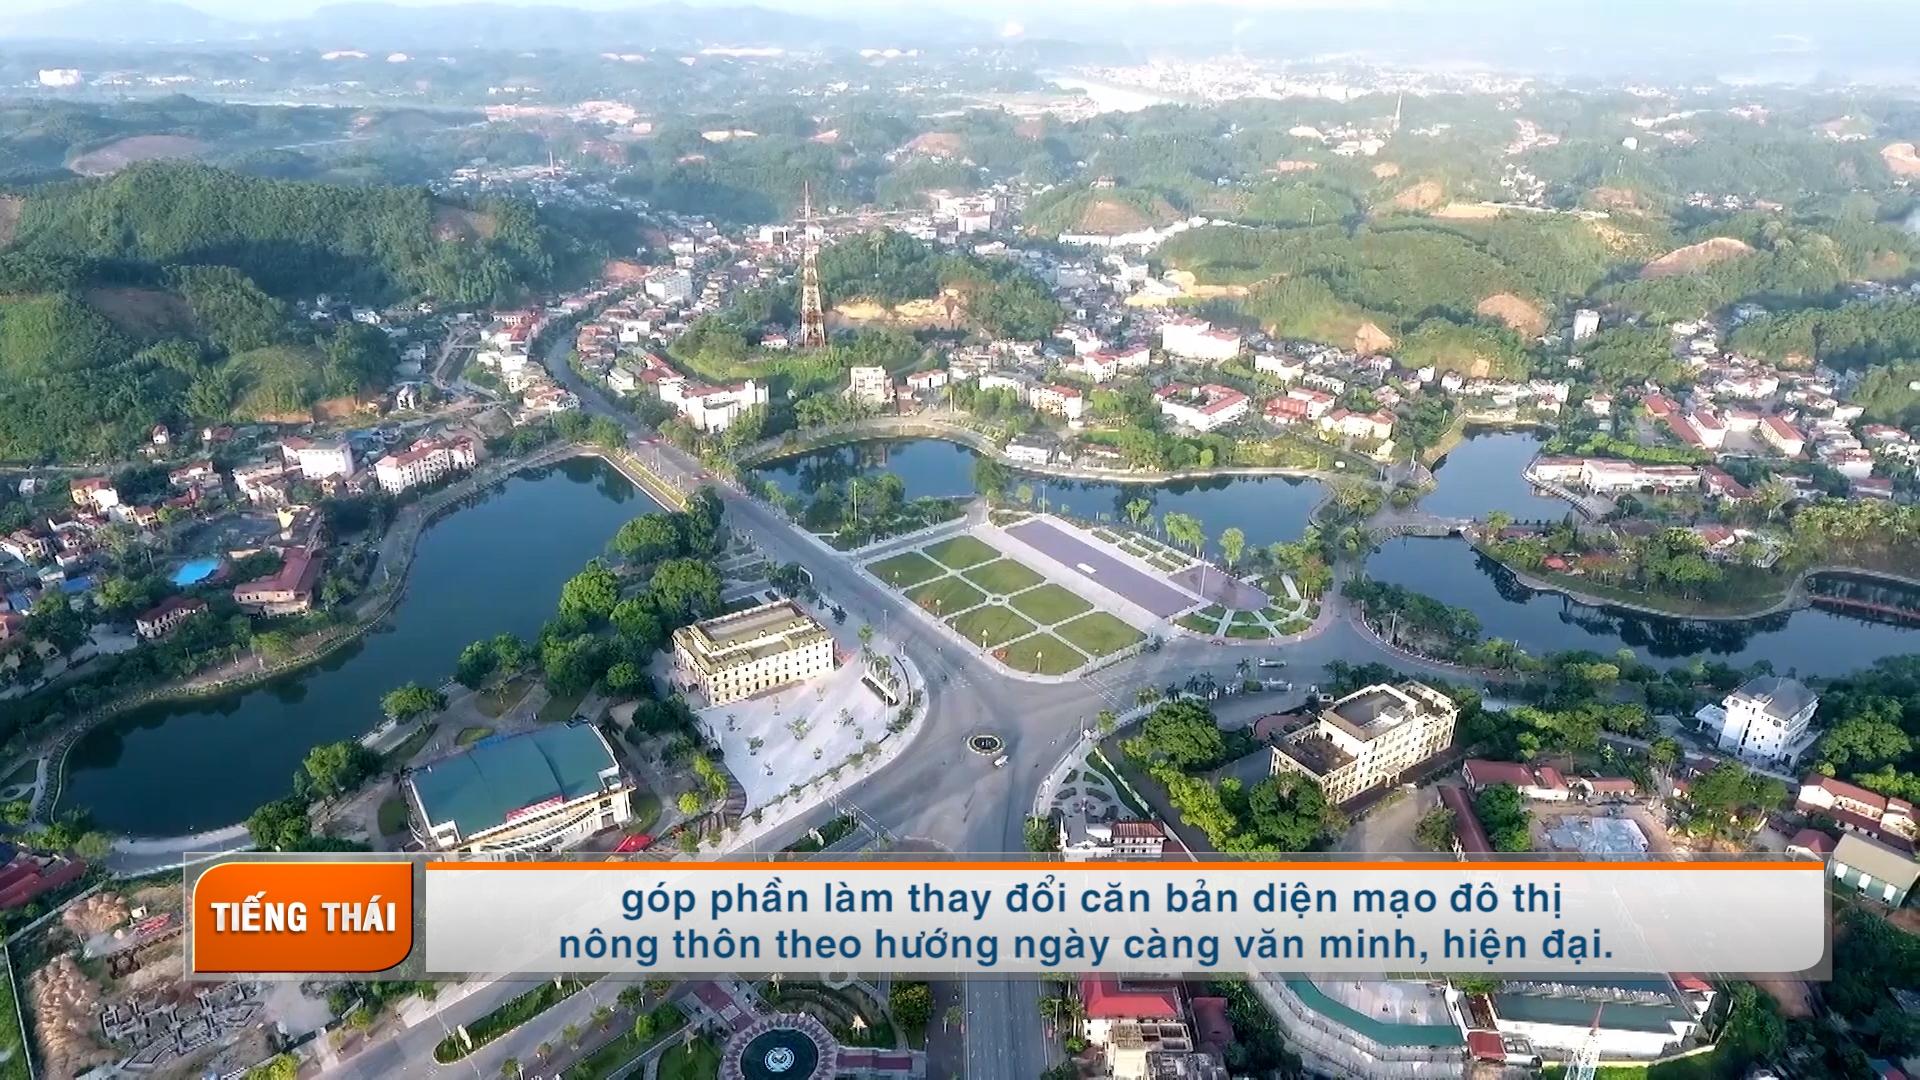 Tạp chí truyền hình tiếng Thái số 3 tháng 4 năm 2021